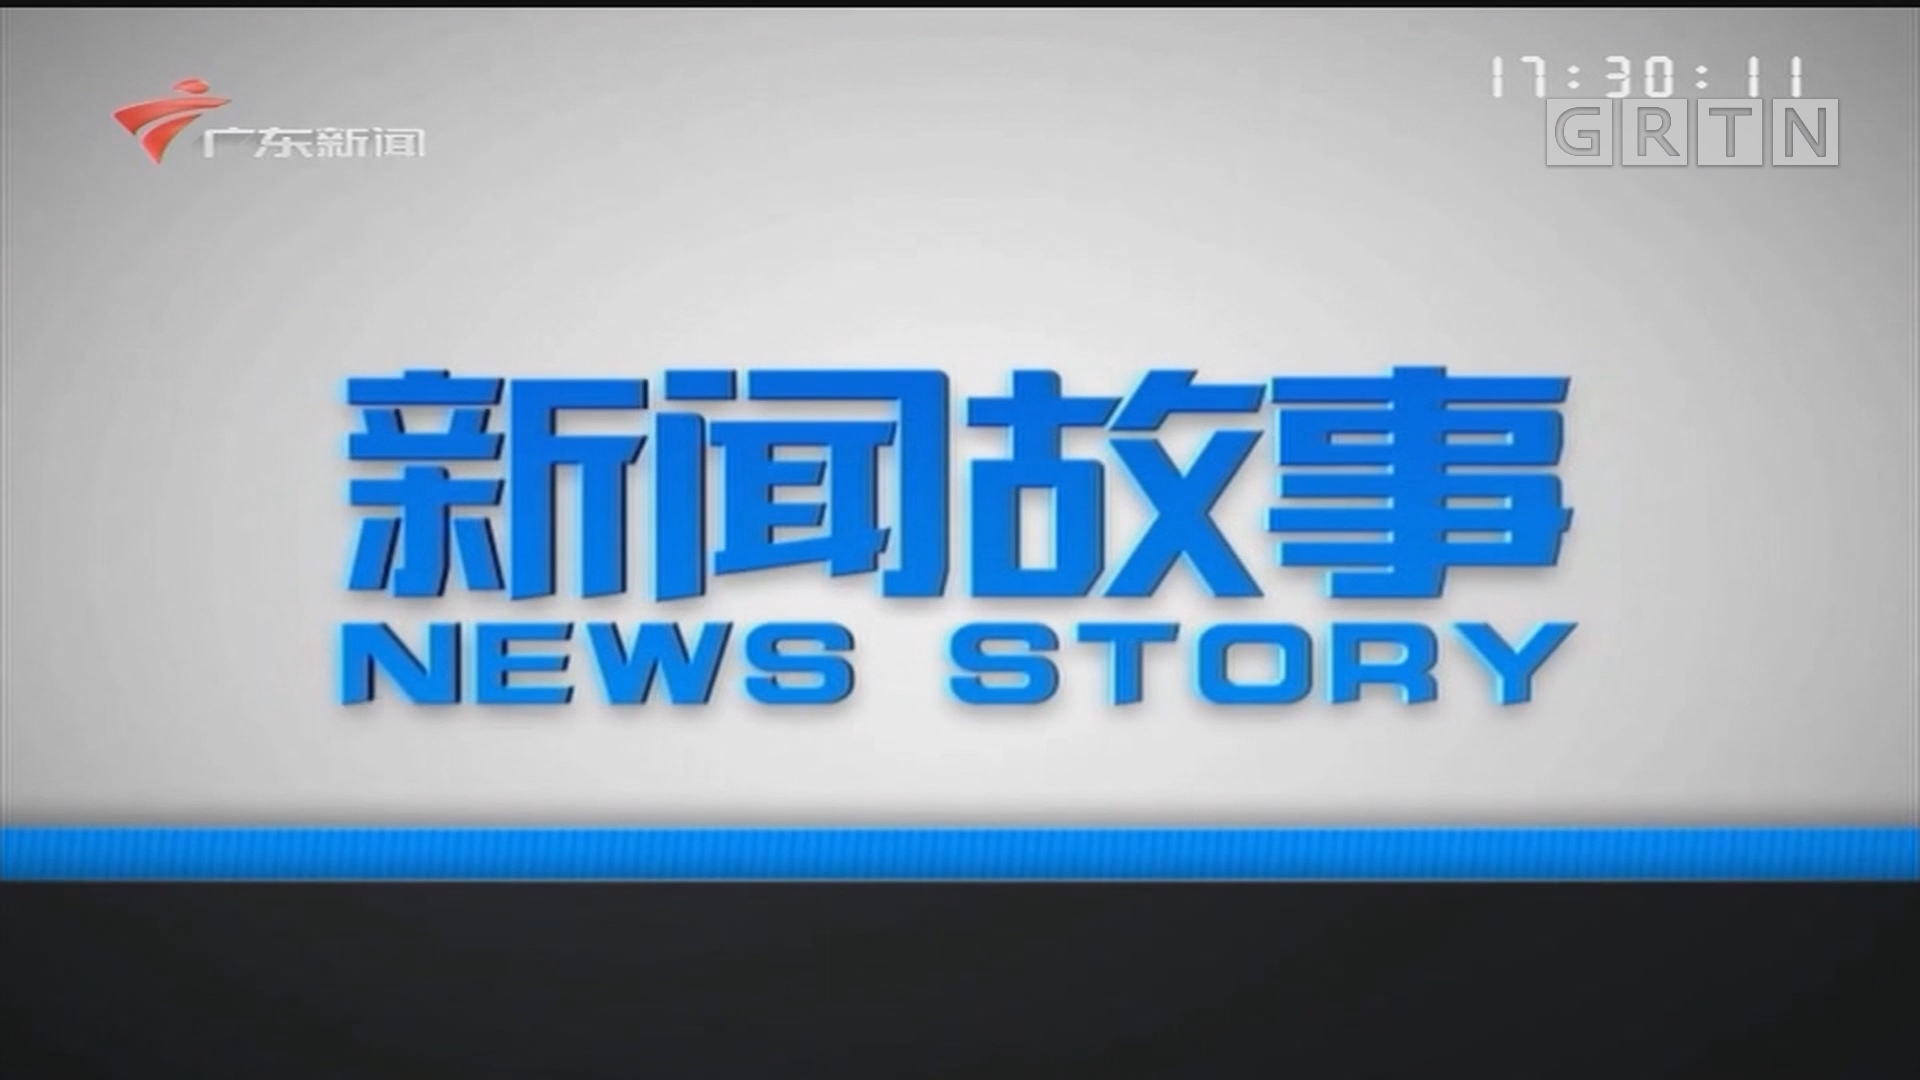 [HD][2020-04-21]新闻故事:翡翠的圈套